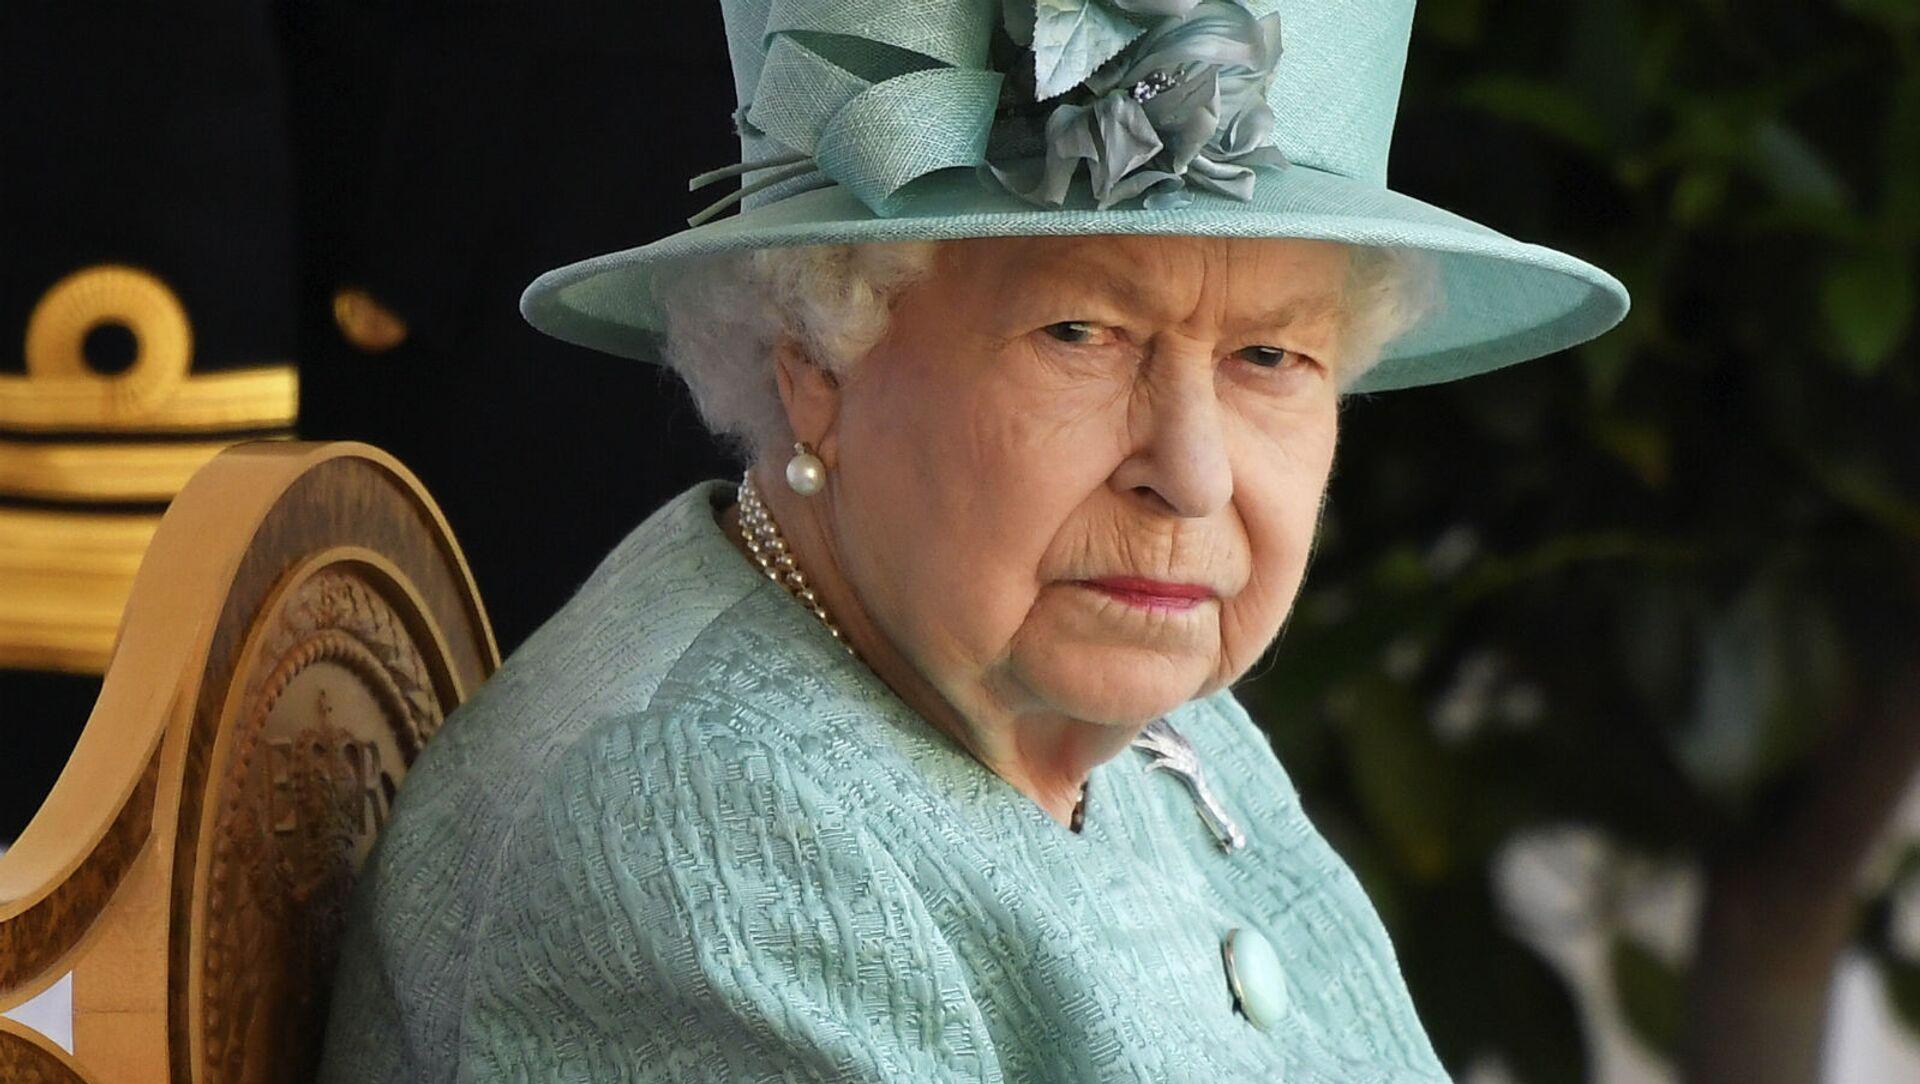 Королева Великобритании Елизавета II во время церемонии по случаю ее официального дня рождения в Виндзорском замке (13 июня 2020). Англия - Sputnik Արմենիա, 1920, 02.09.2021